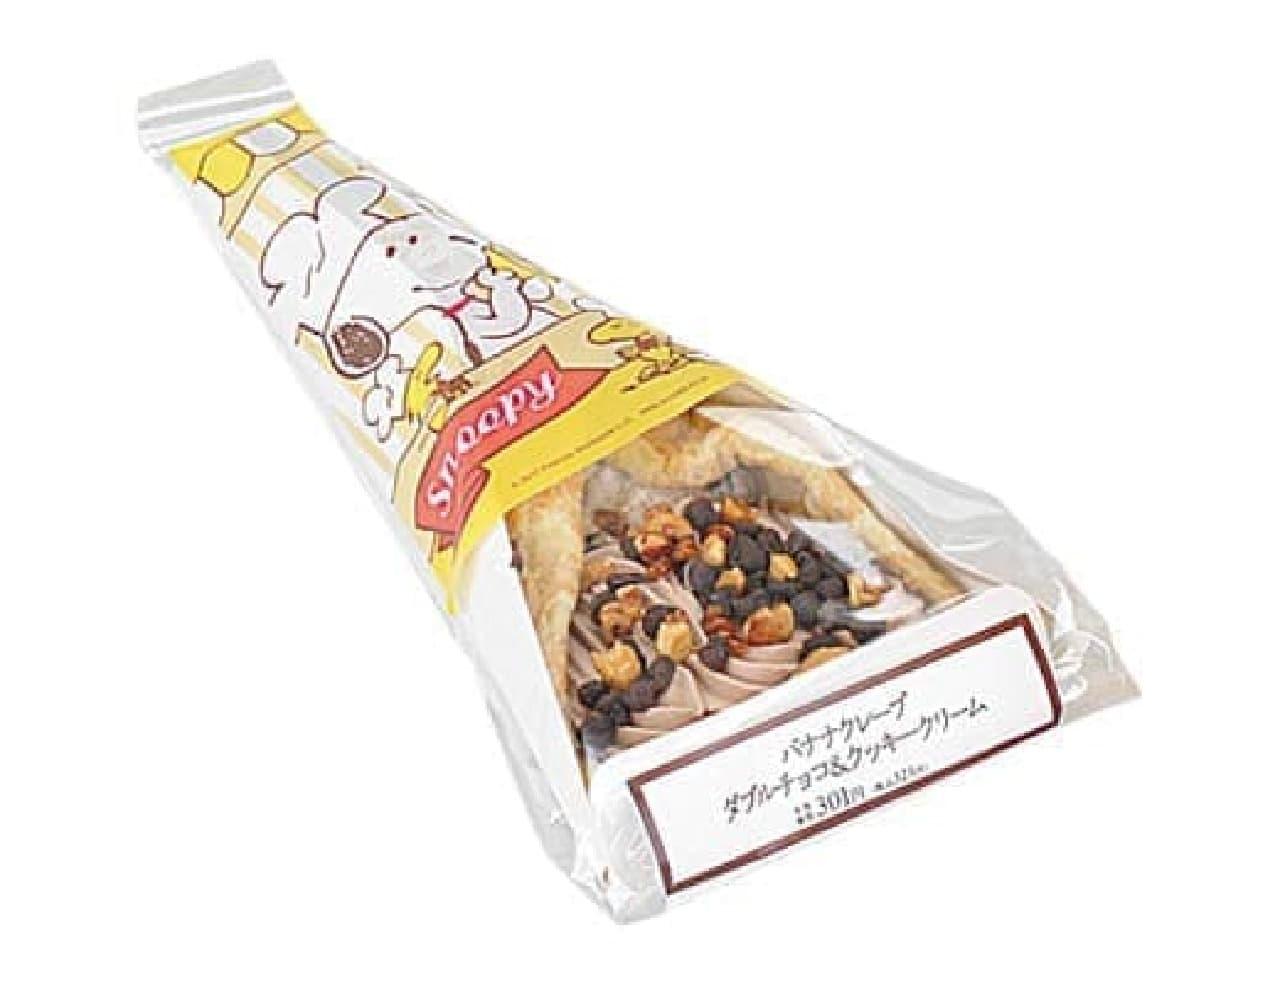 ローソンバナナクレープ(ダブルチョコ&クッキークリーム)